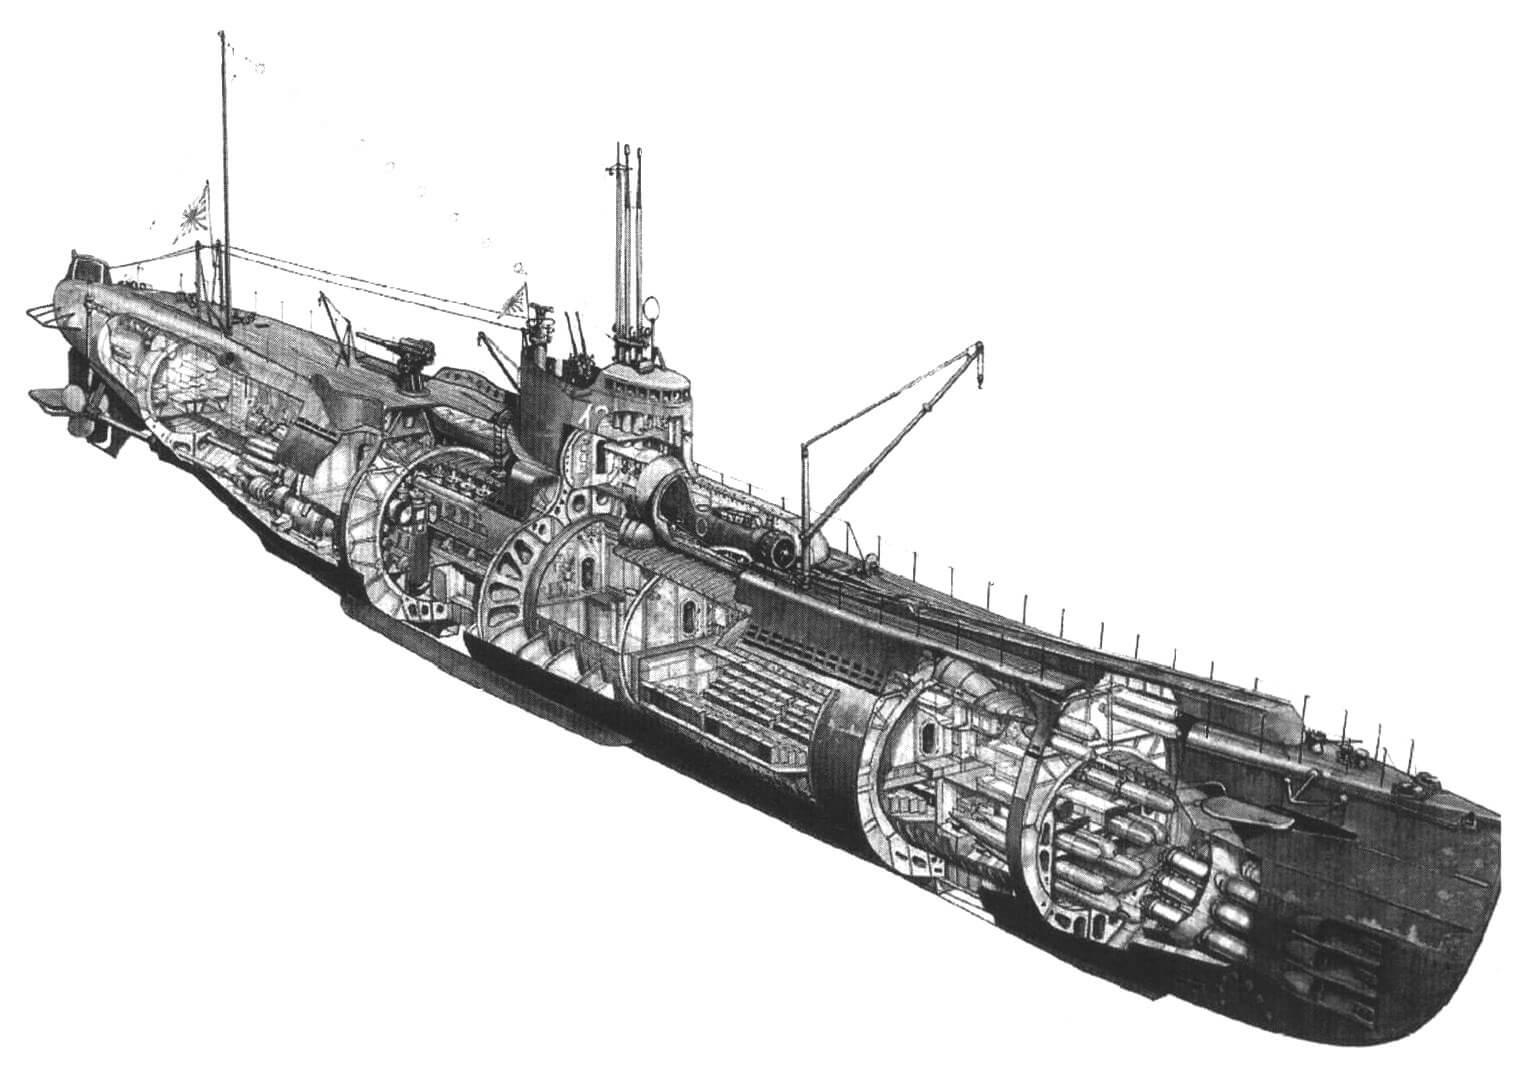 Компоновка японской подводной лодки-авианосца. Перед рубкой виден цилиндрический ангар с размещенным в нем самолетом без консолей крыла